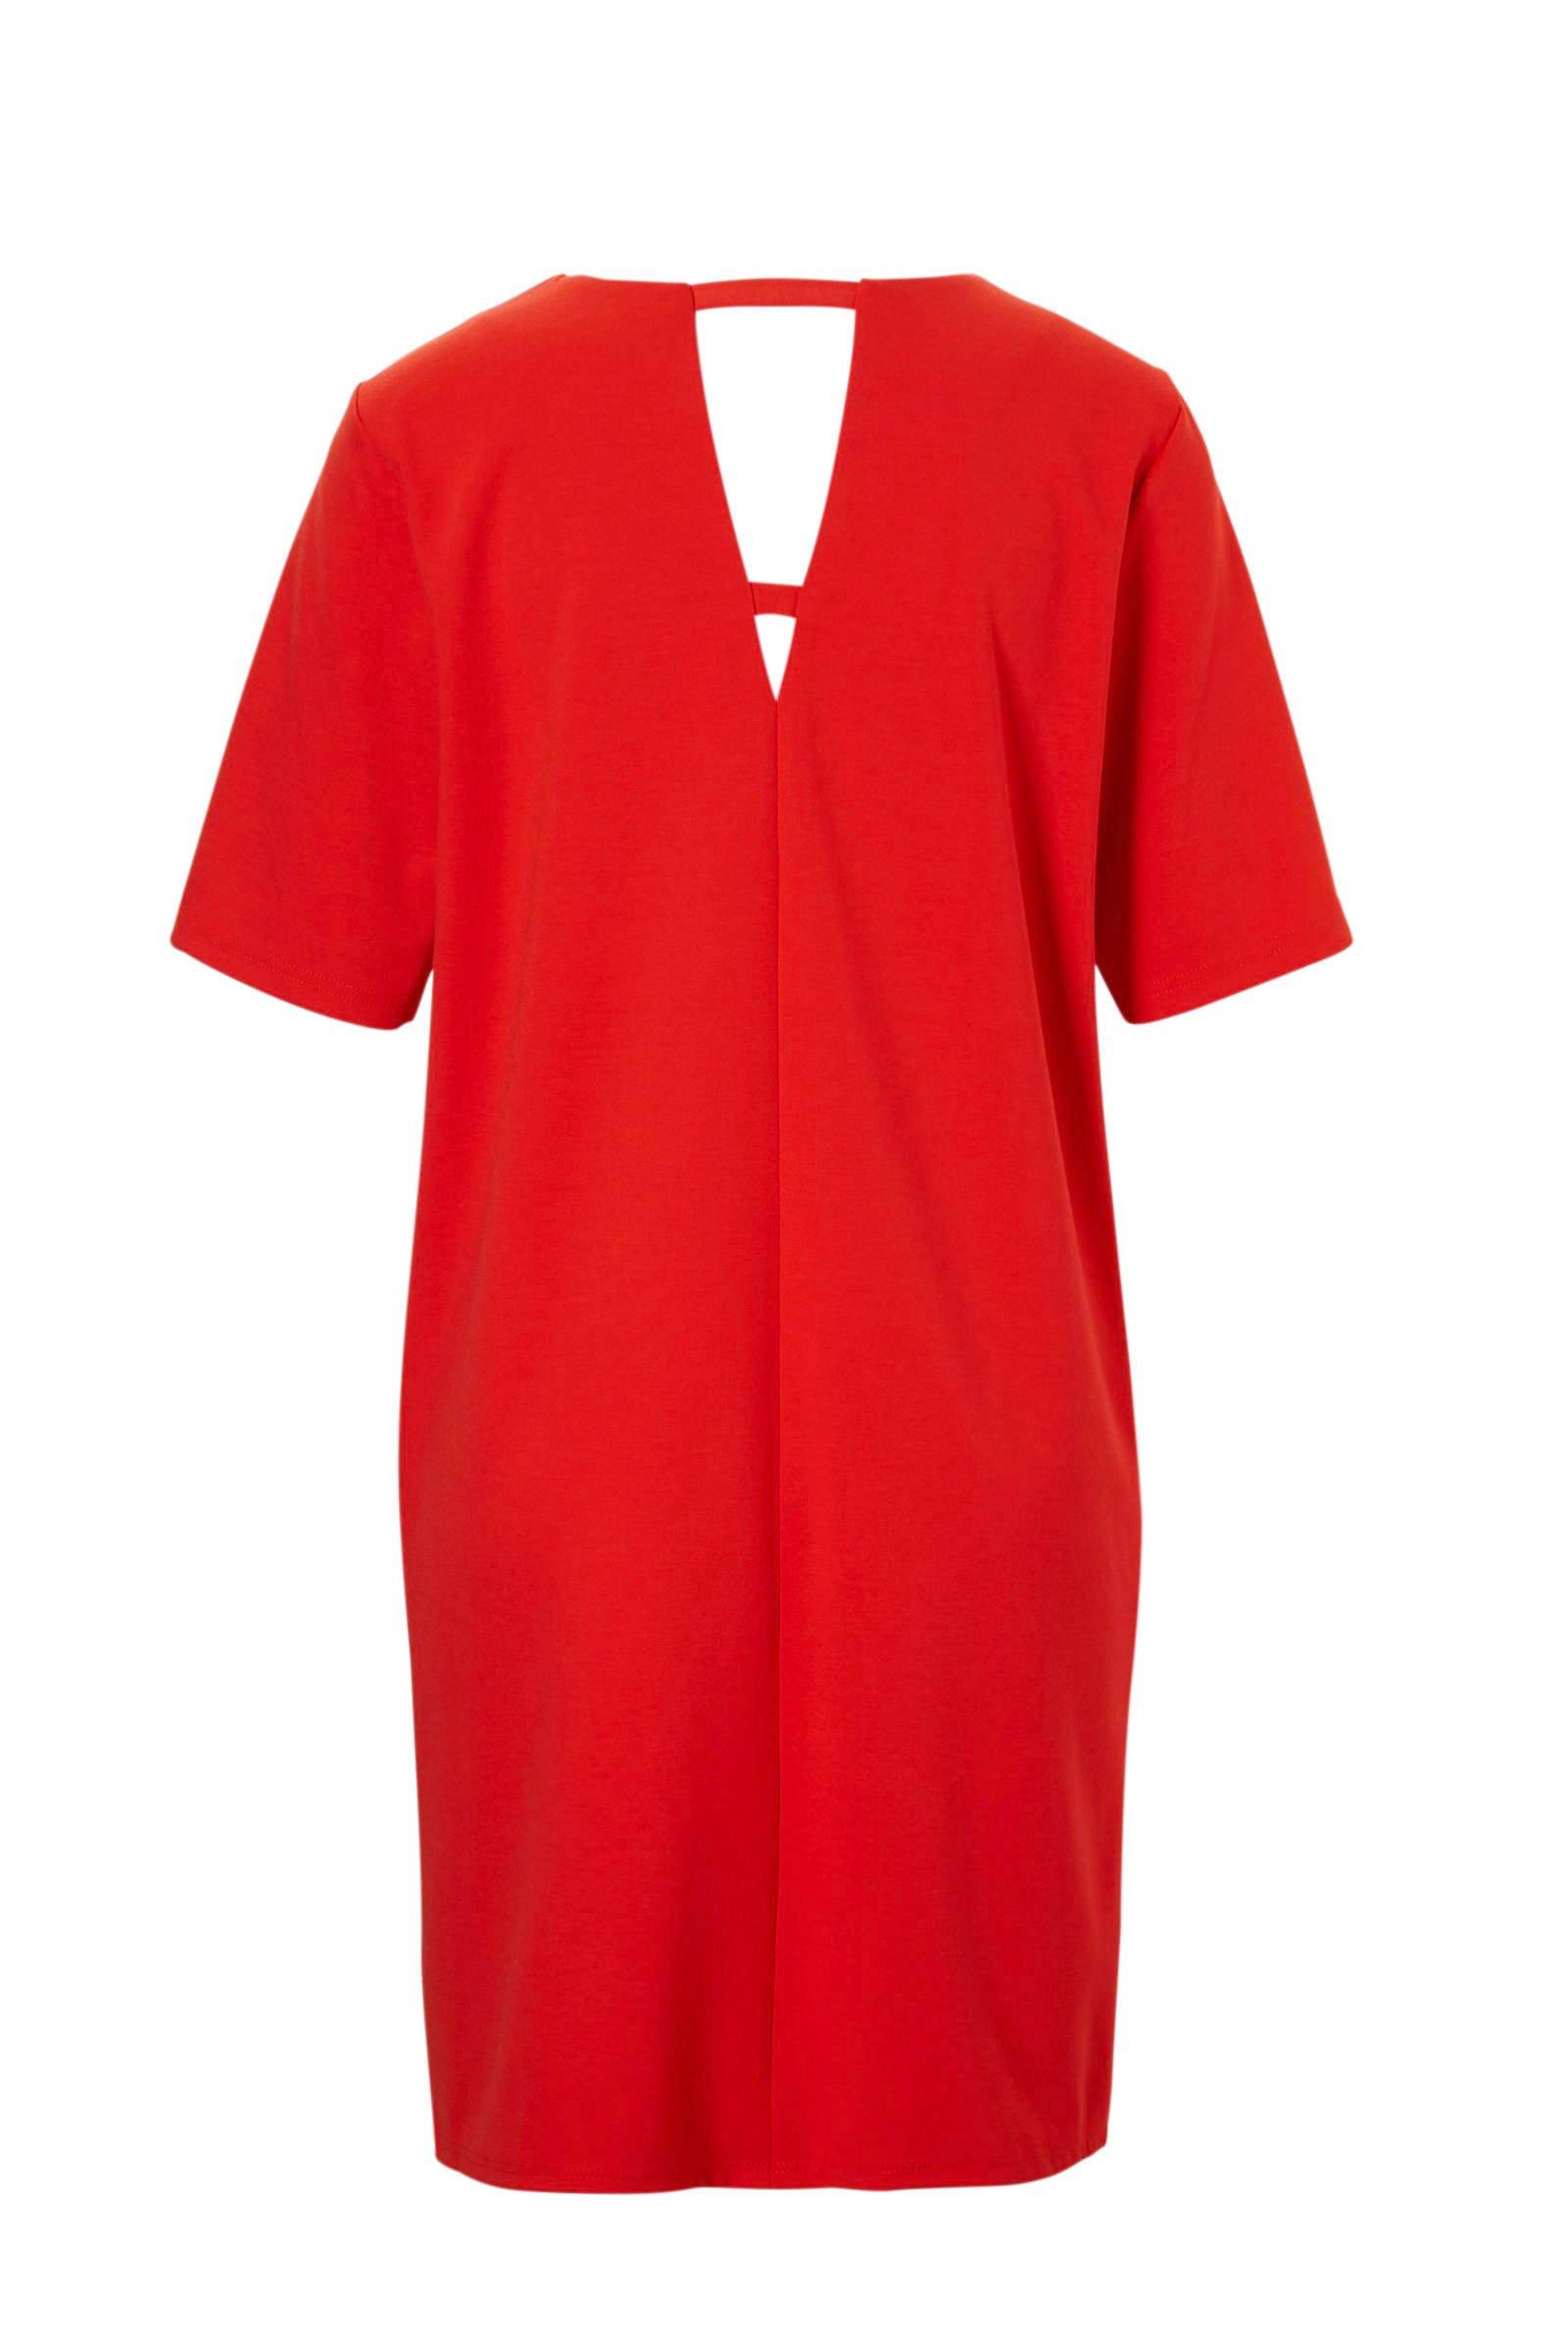 met MODA detail open rood VERO jurk gEnvqxwgf